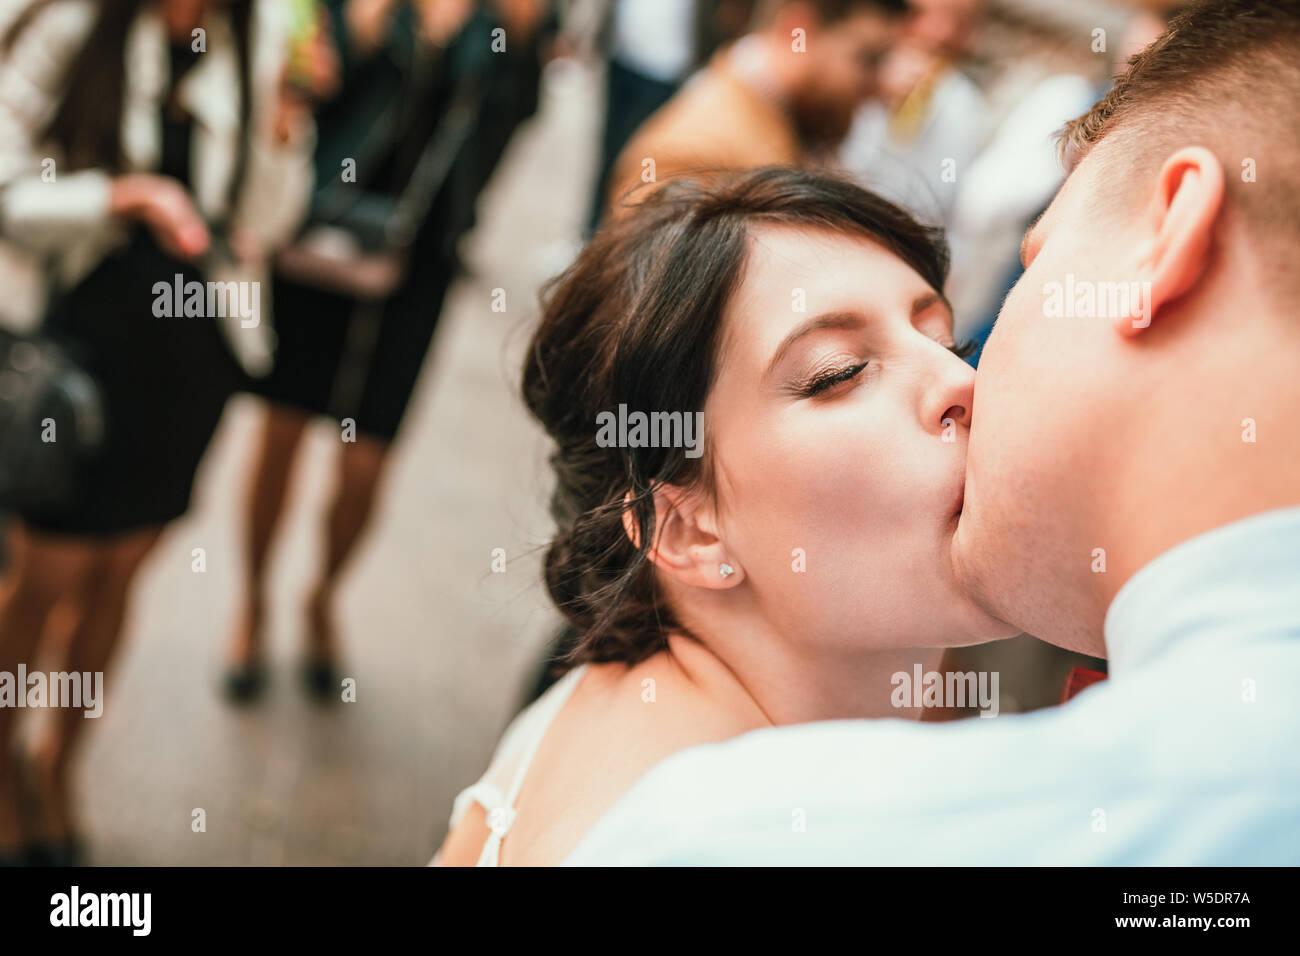 Schöne Braut und Bräutigam Umarmen und Küssen am Tag ihrer Hochzeit im Freien. Konzept Hochzeit, neue Familie. Stockfoto